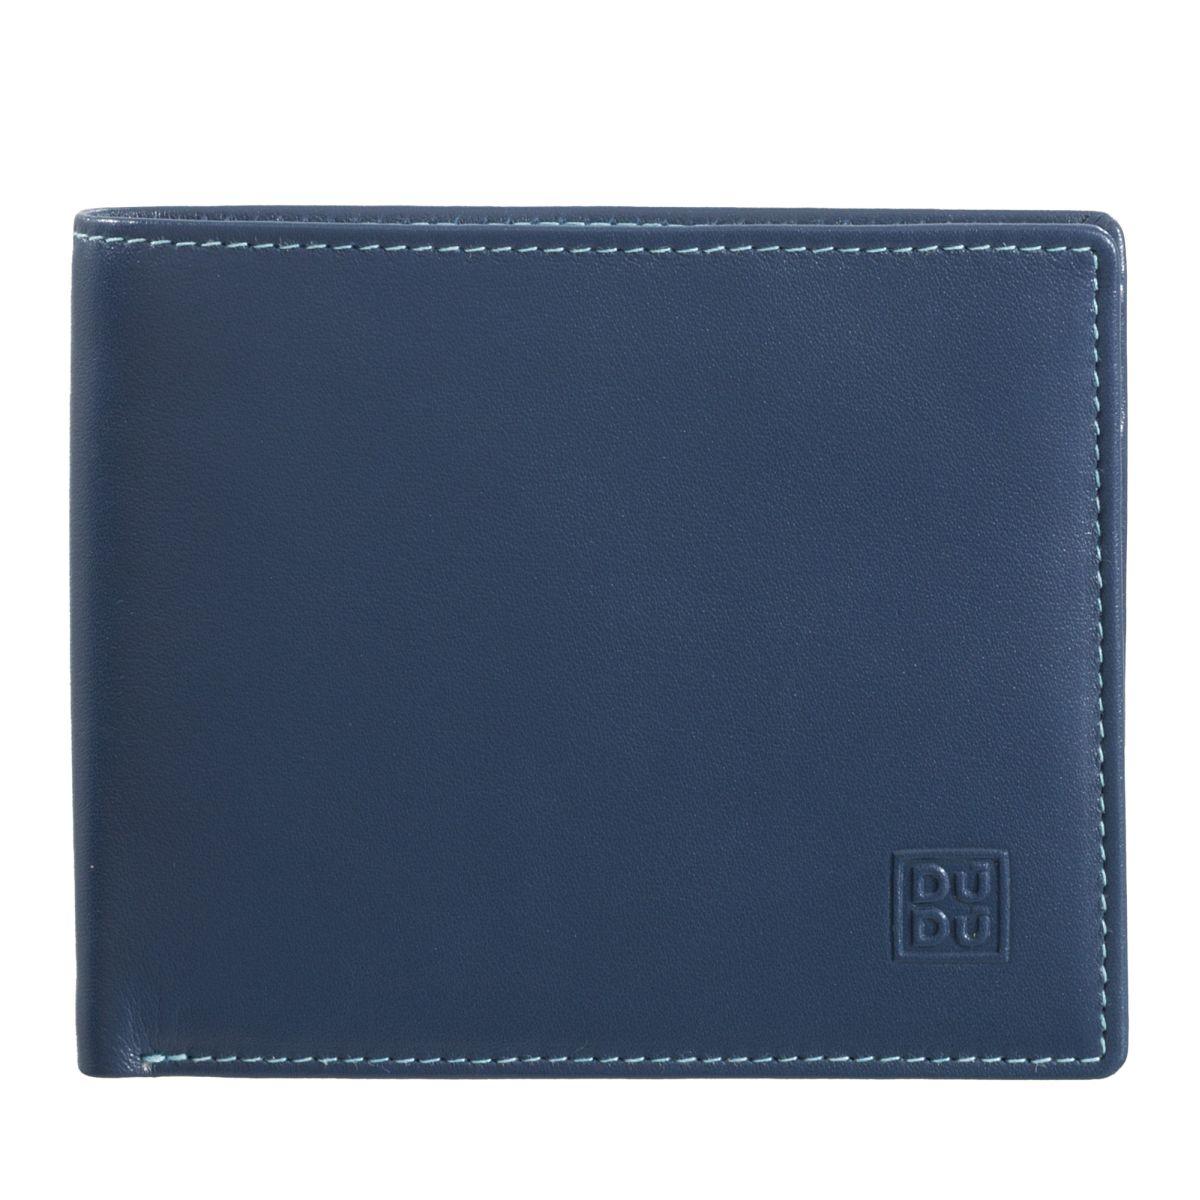 DuDu ארנק עור שילובי צבעים עם תא למטבעות - כחול